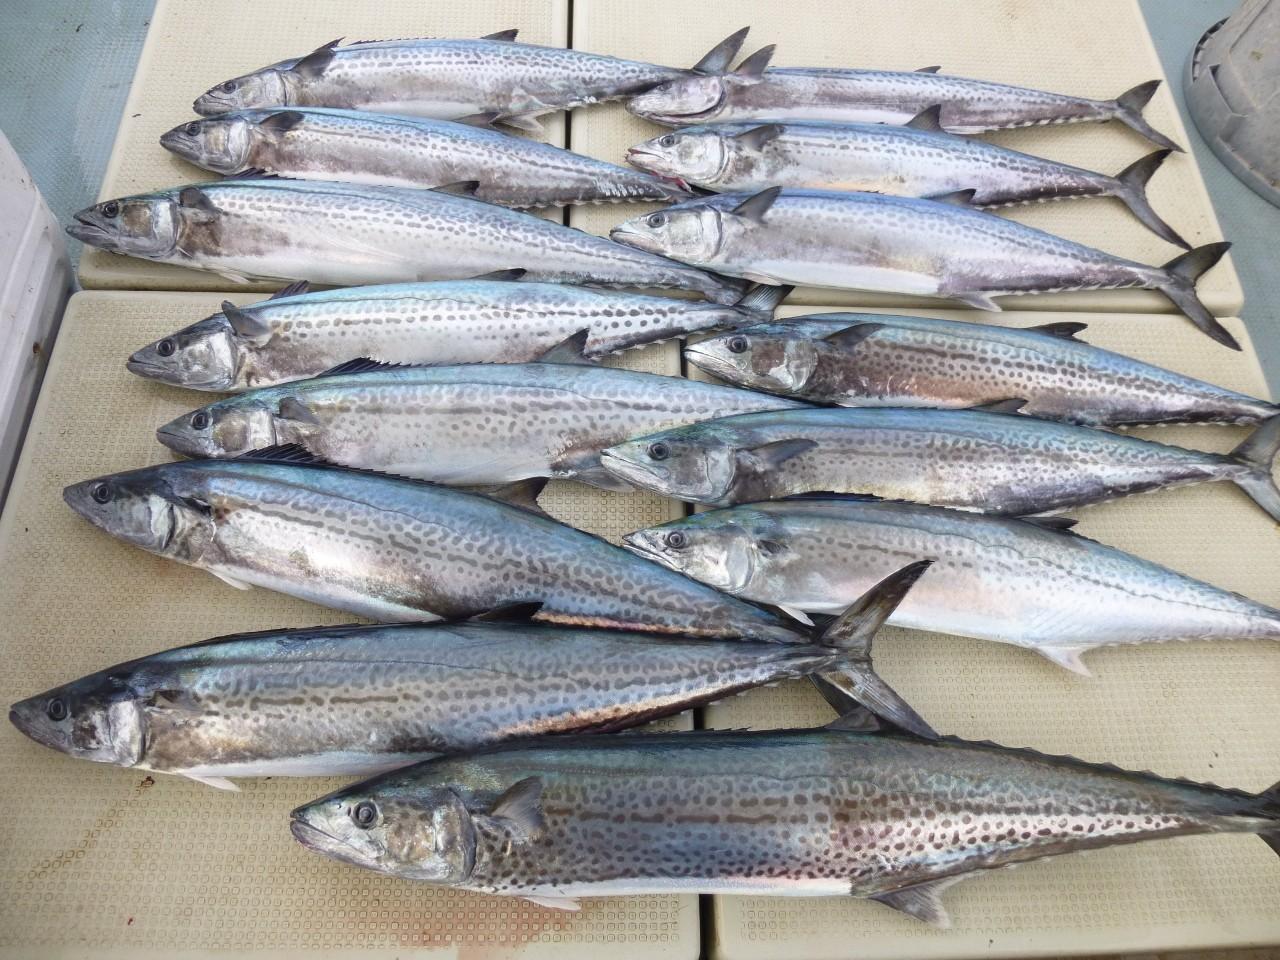 1月5日初釣り サワラ 7.5㎏・6.5㎏。6.3㎏ 他3kg超え×11匹